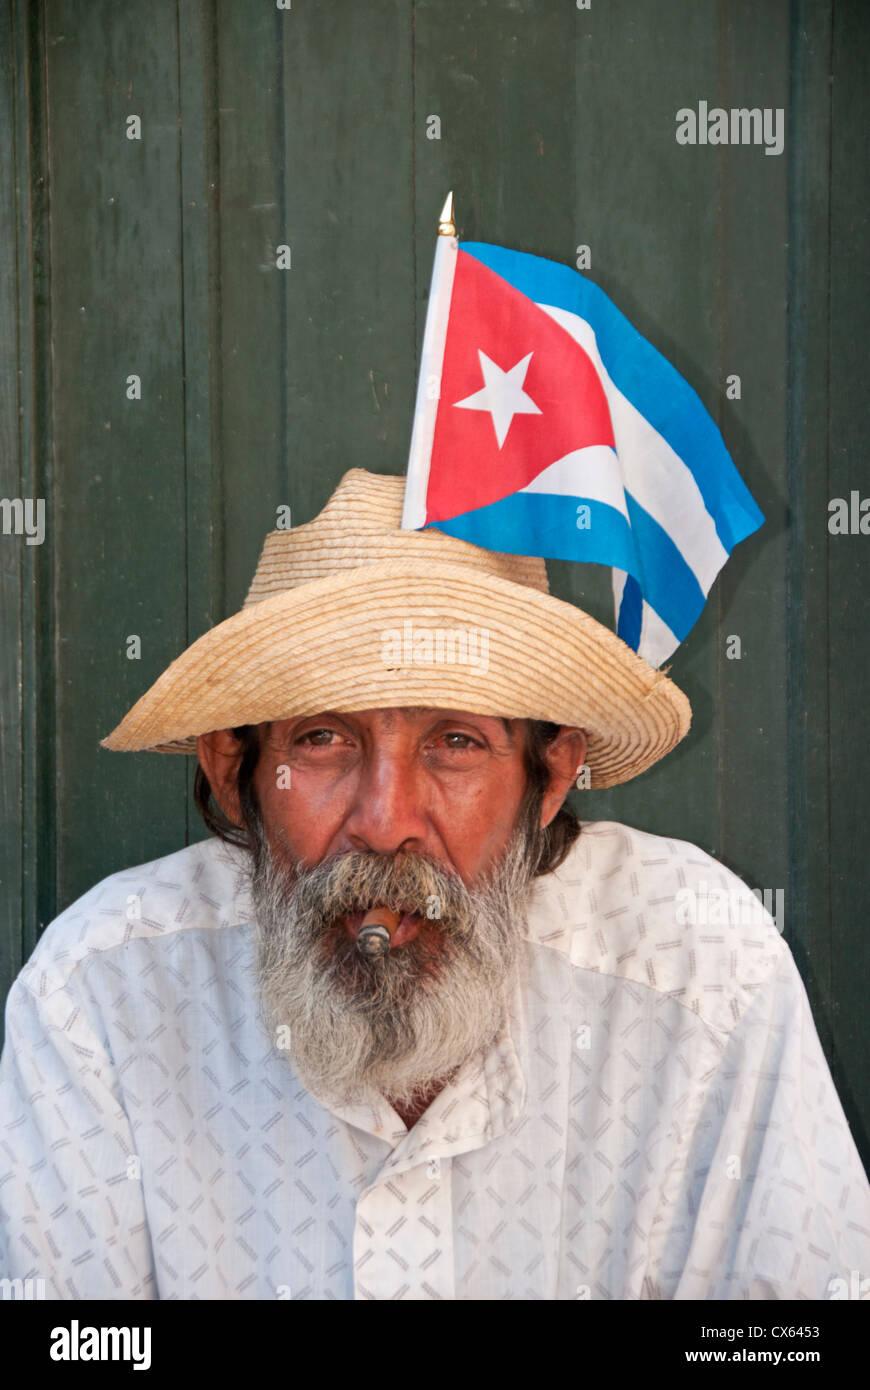 Porträt von einem lokalen kubanischen Mann, Calle Mercaderes, Habana Vieja, Havanna, Kuba, Karibik Stockbild